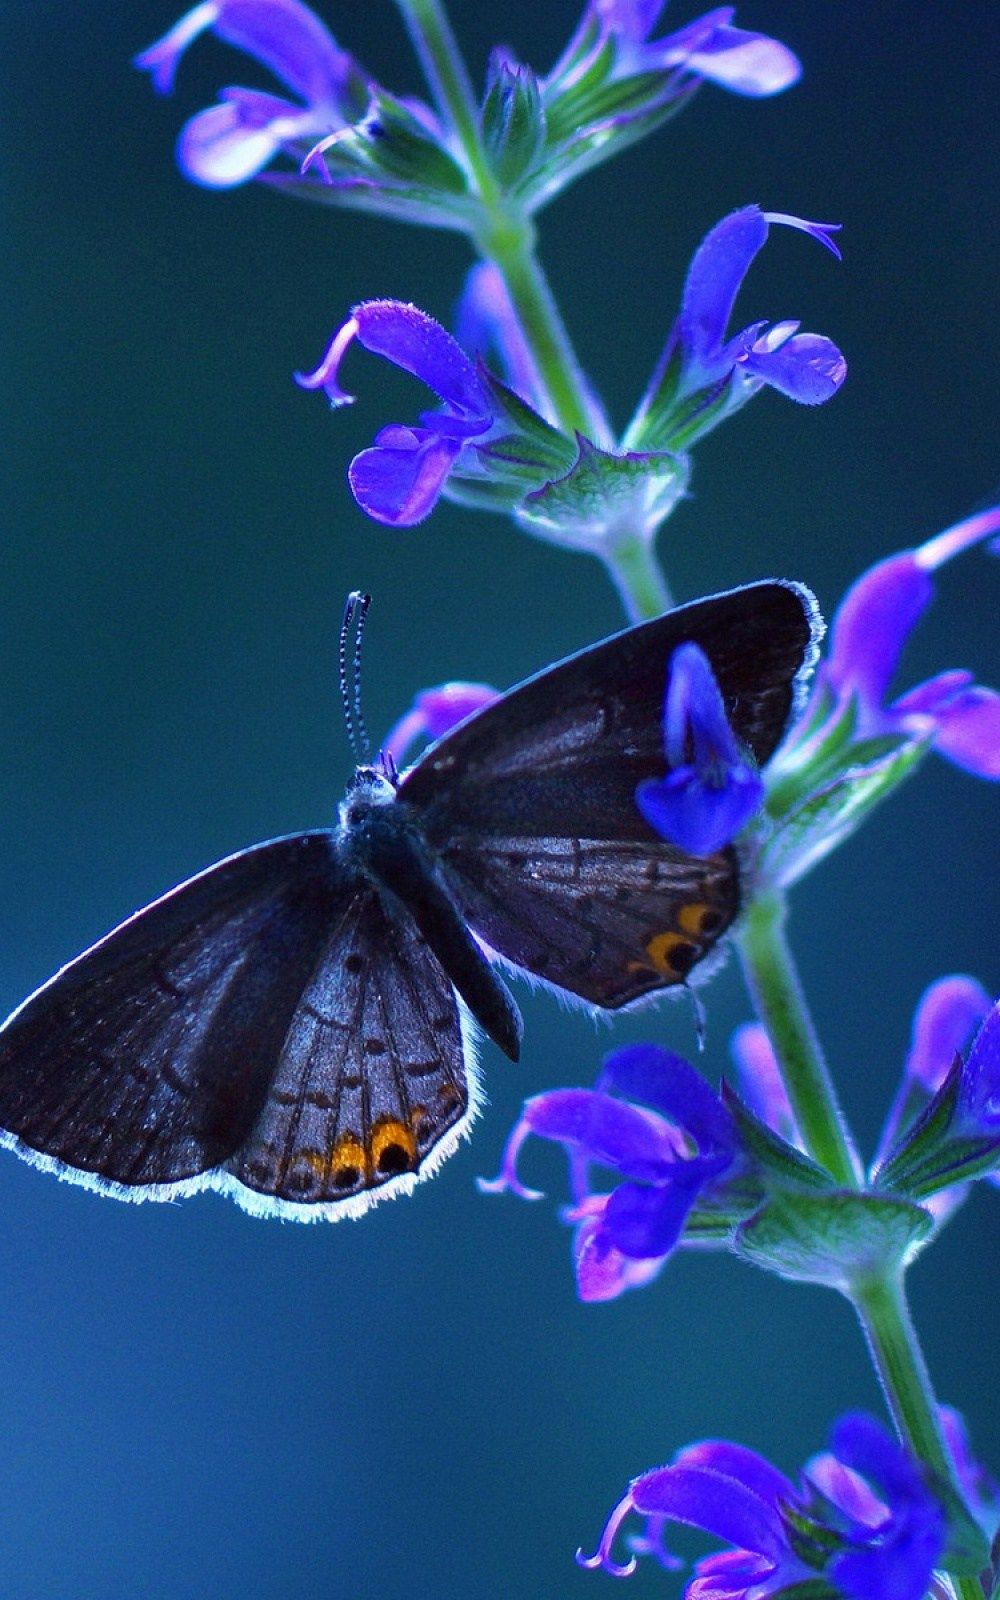 Butterfly Mobile Wallpaper | Butterfly wallpaper ...